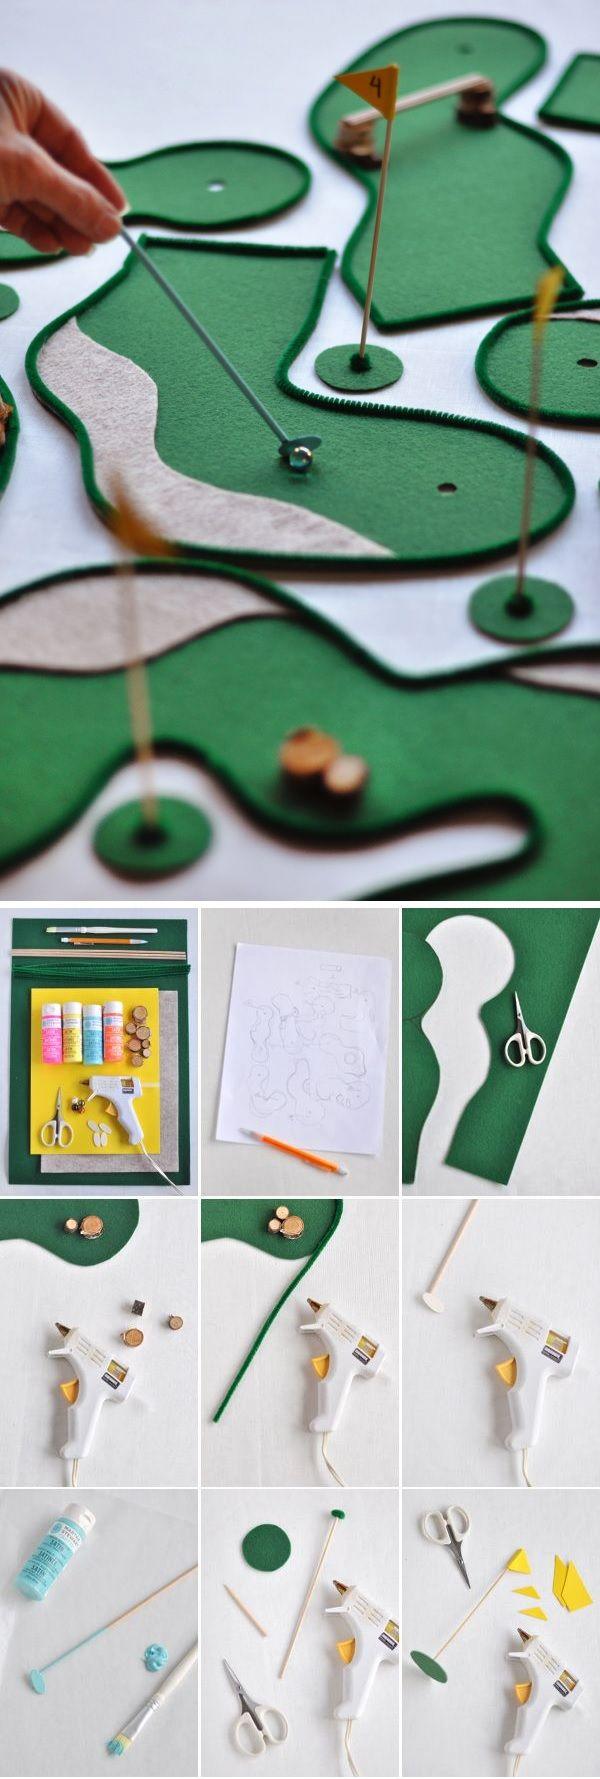 de la feutrine verte + du fil chenille verte + des mélangeurs à cocktail + des billes + des pics à brochette = UN MINI-GOLF DE TABLE / Tabletop Mini Golf | Oh Happy Day!